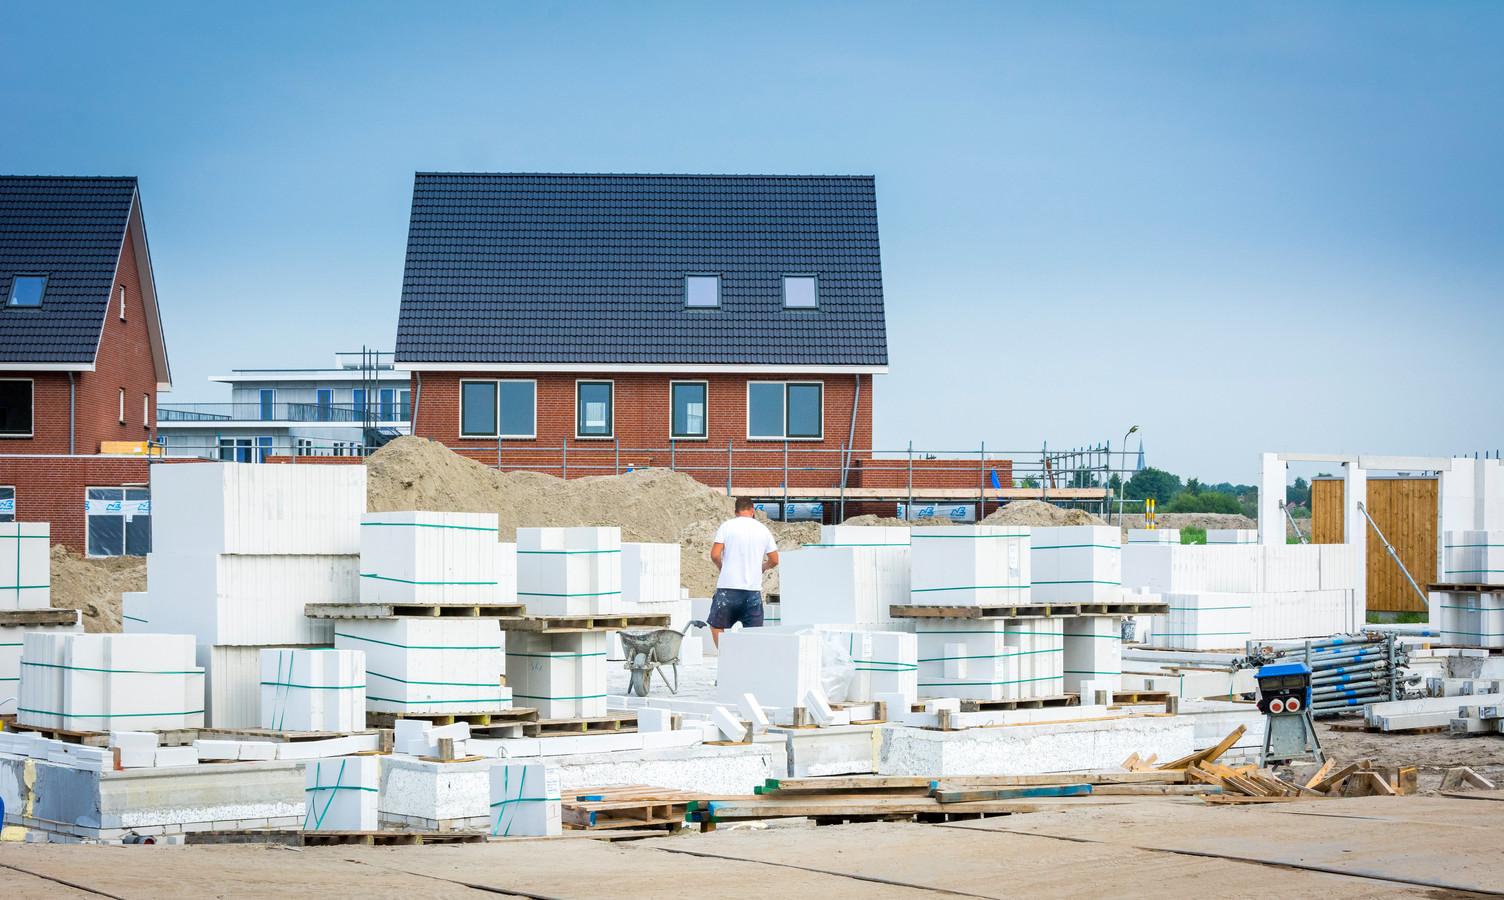 In de regio Arnhem-Nijmegen wordt flink bijgebouwd, toch blijven met name huurwoningen voor starters de komende jaren schaars